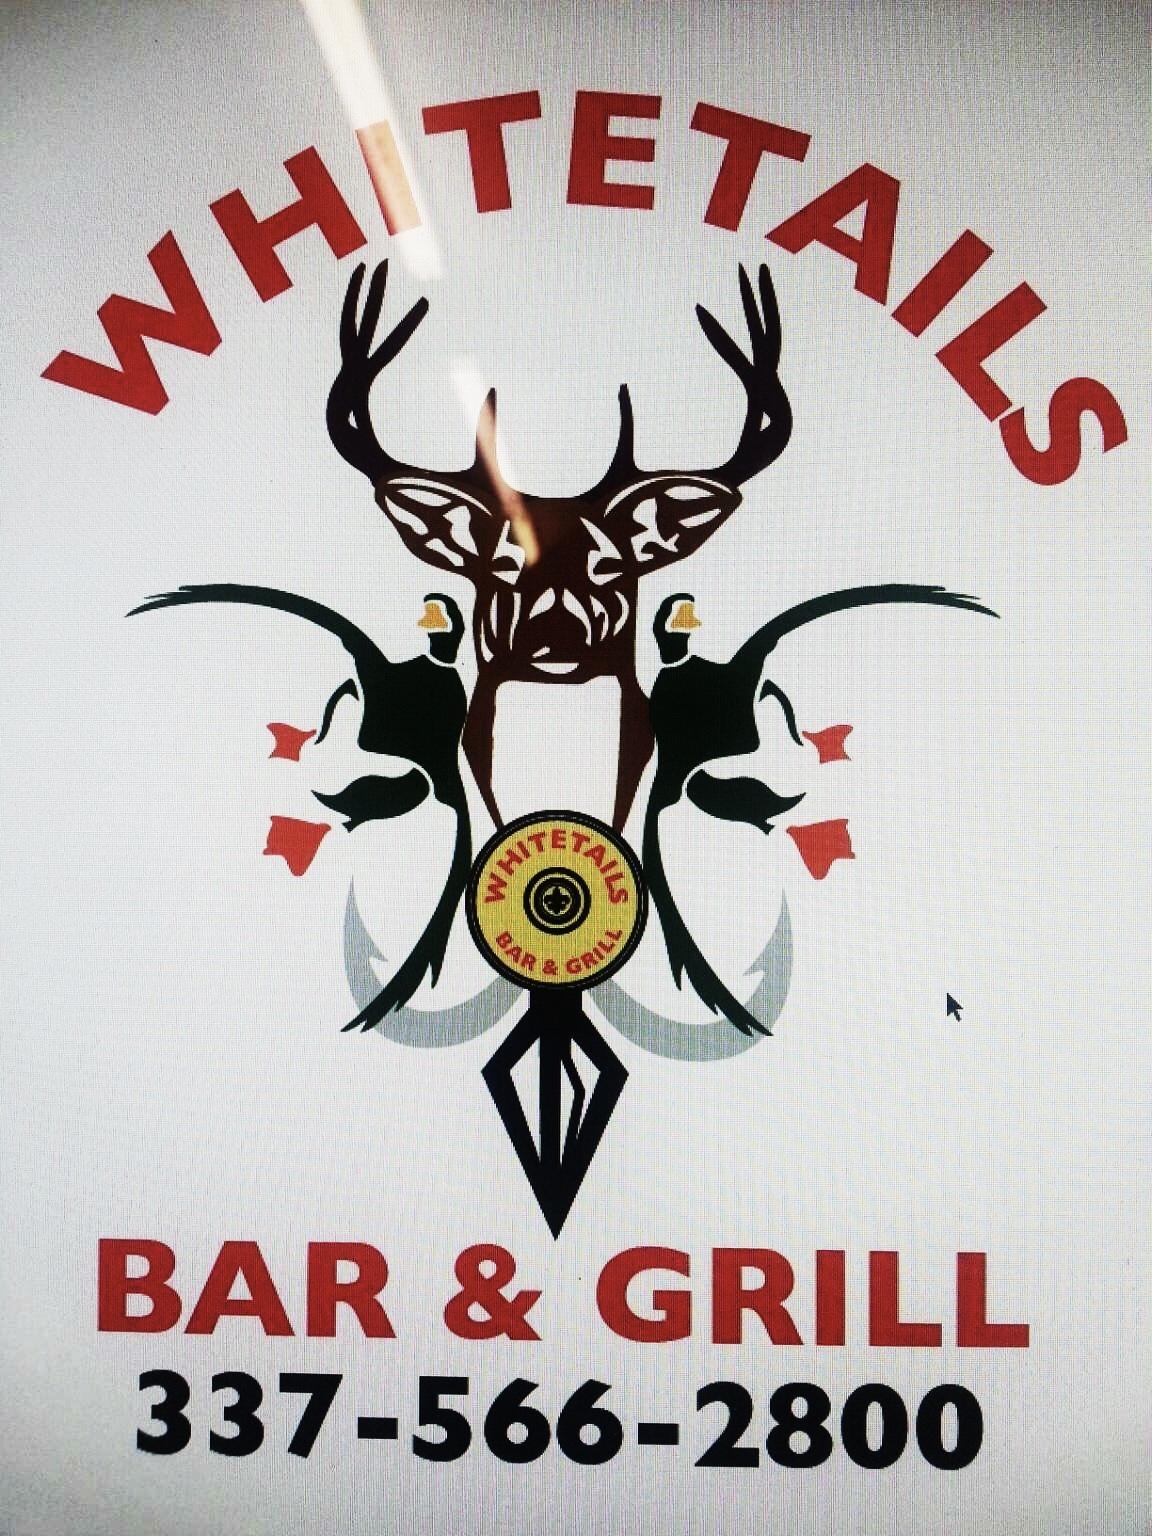 WhiteTails Krotz Springs